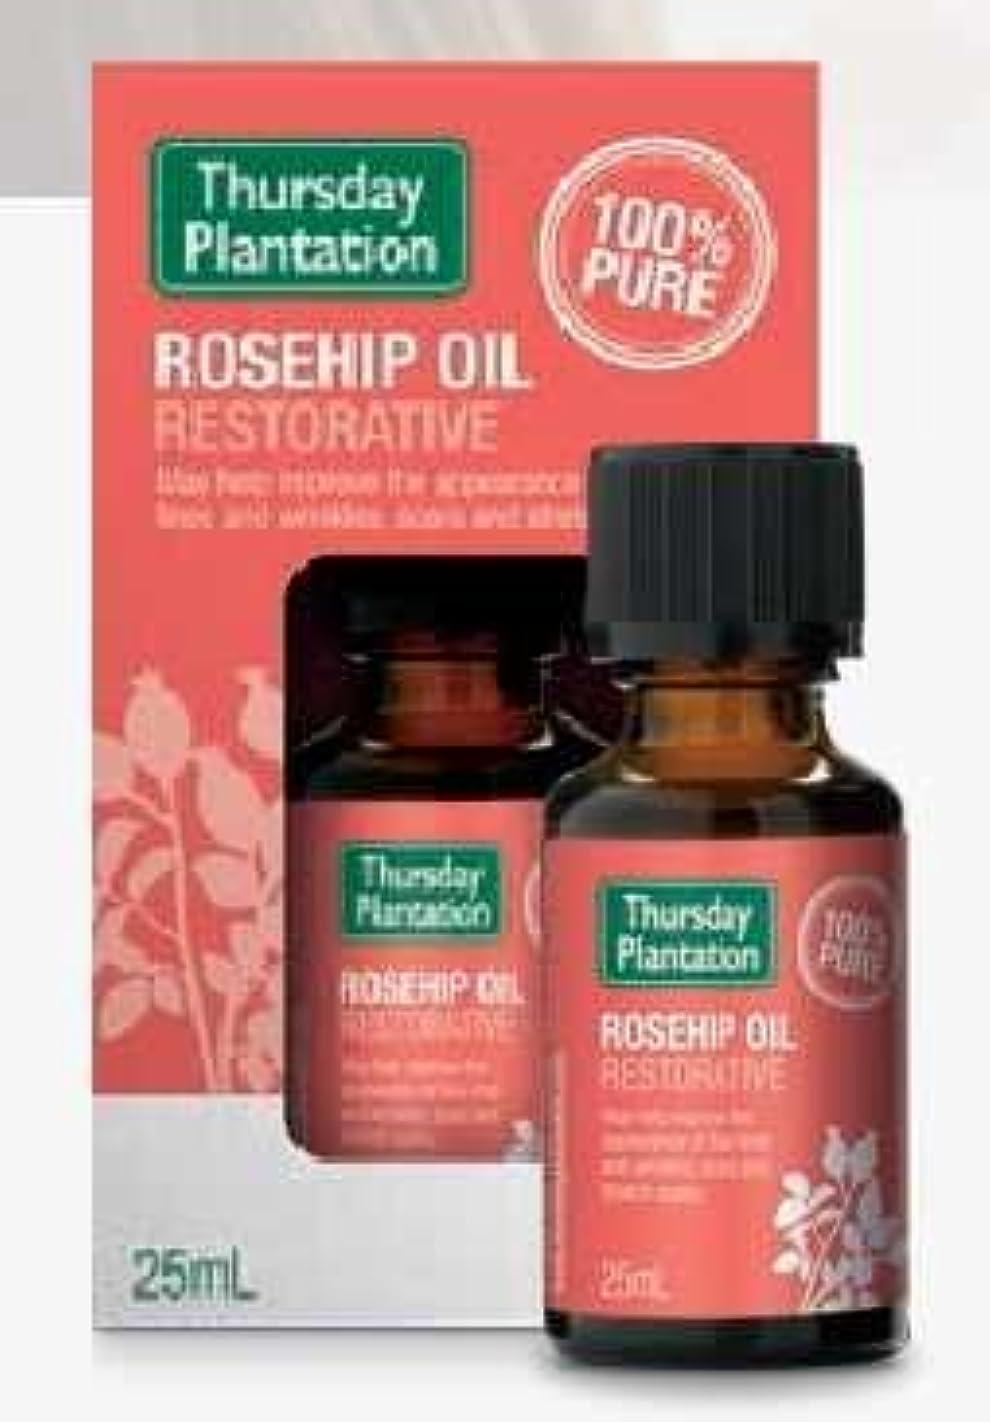 許容できるメッシュ識別するピュア オーガニックローズヒップオイル100% 25ml hursday Plantation Rosehip Oil Certified Organic 25ml